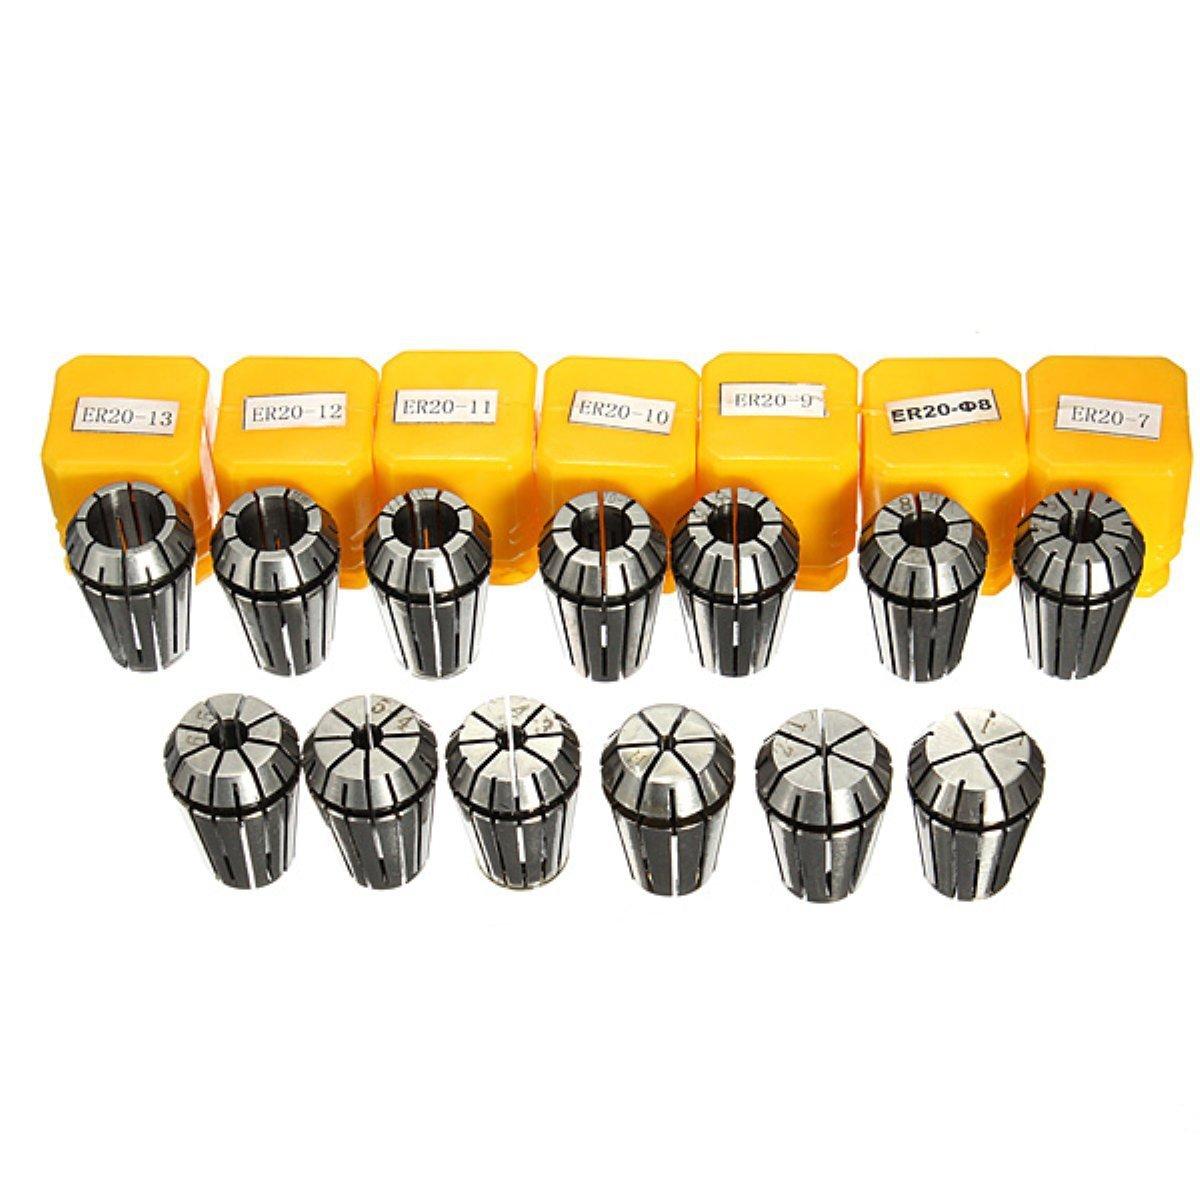 SODIAL ER20 pinza R 13 PC ER20 pinzas fijado para el fresado CNC herramienta de grabado